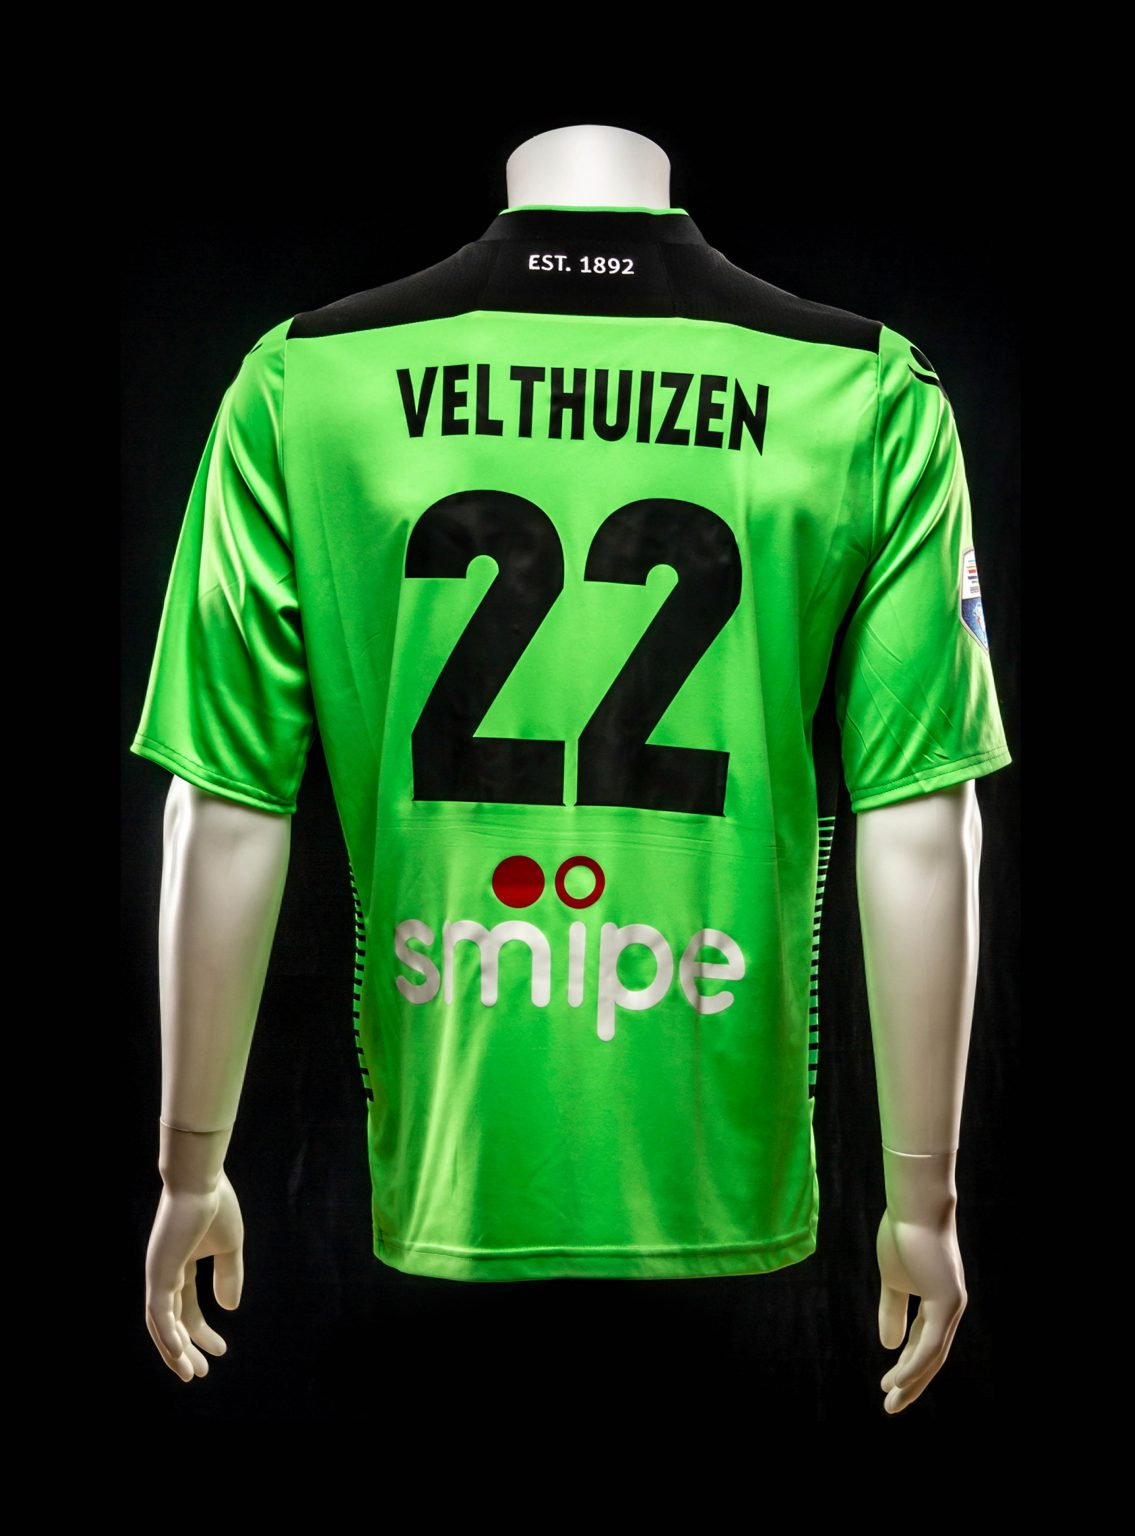 #22 Piet Velthuizen KWF 2014-2015